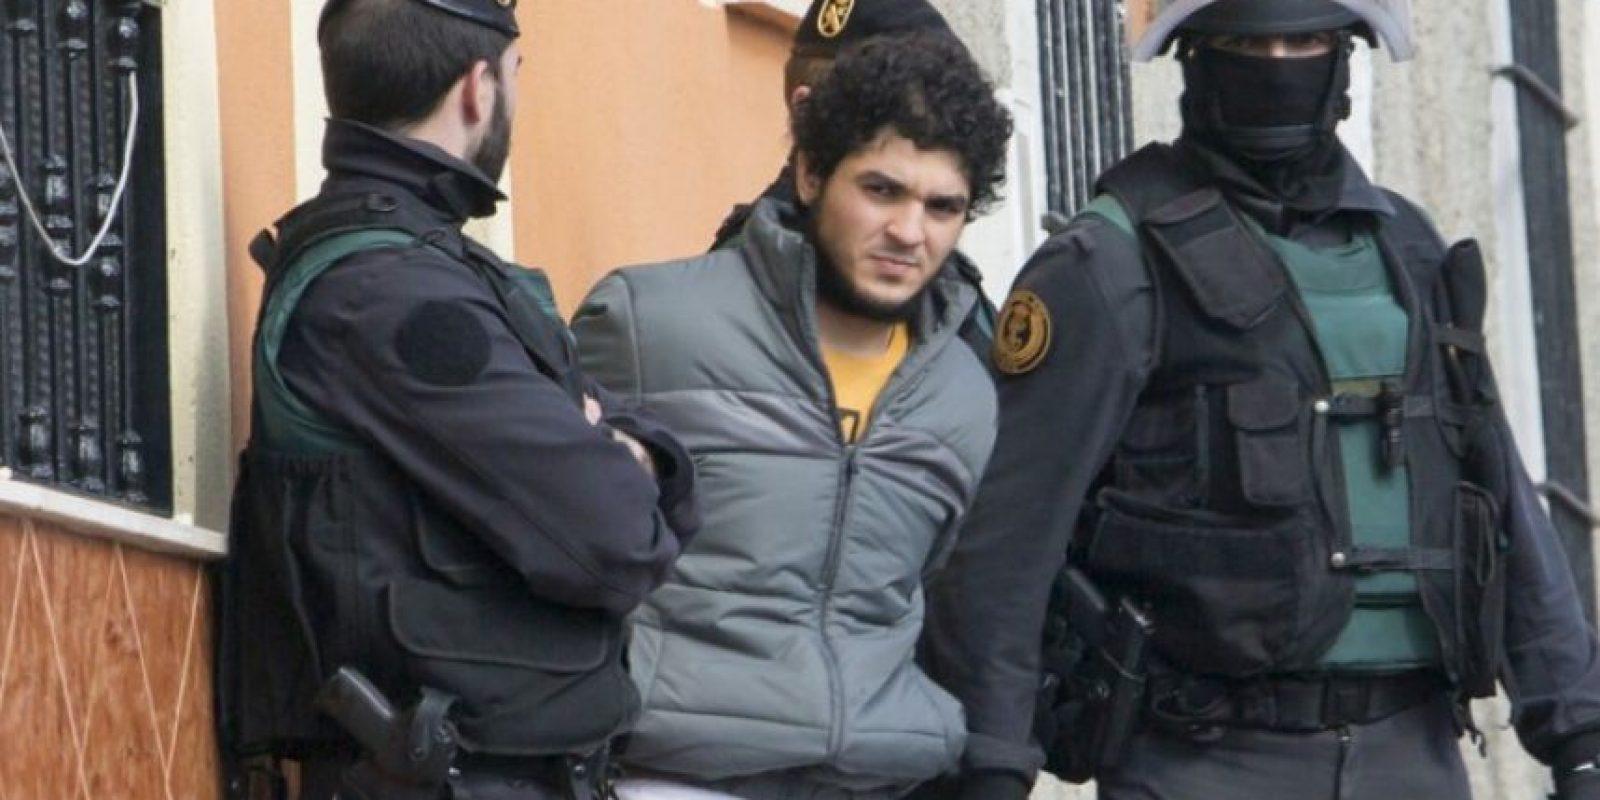 Una de las cuatro personas detenidas por supuestamente reclutar militantes para el grupo Estado Islámico en España Foto:AFP